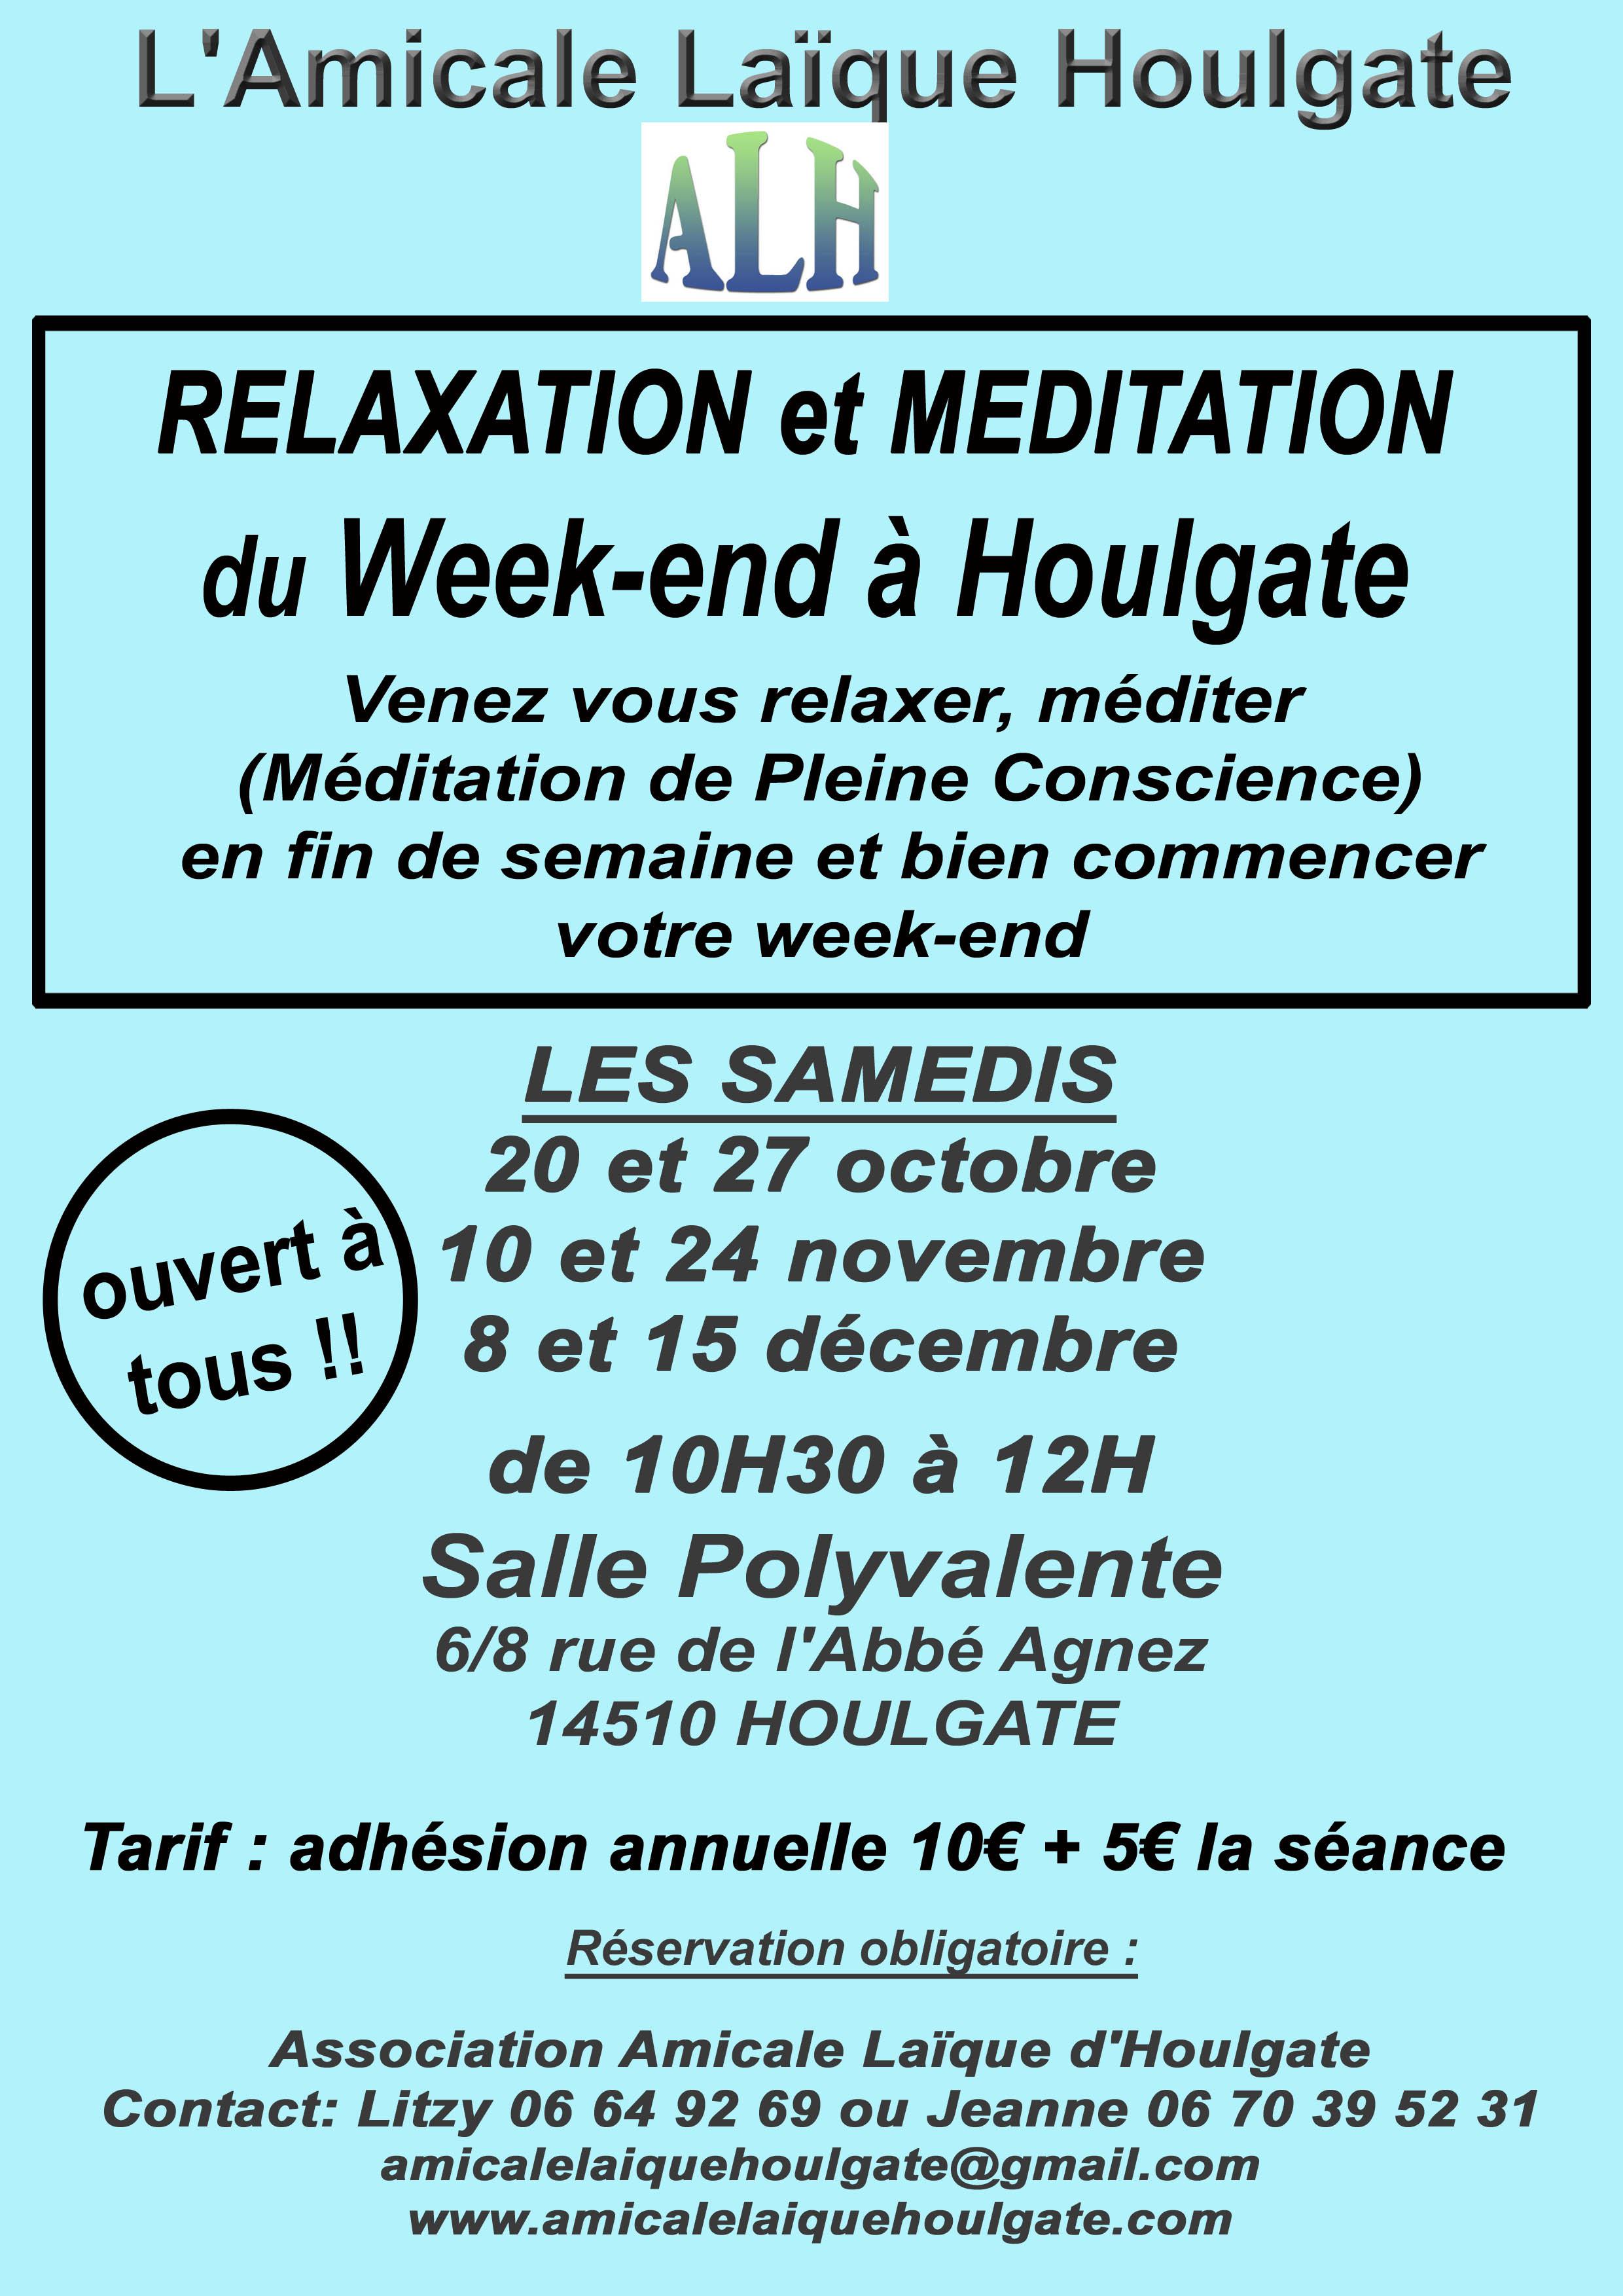 Association Amicale Laique Houlgate Accueil